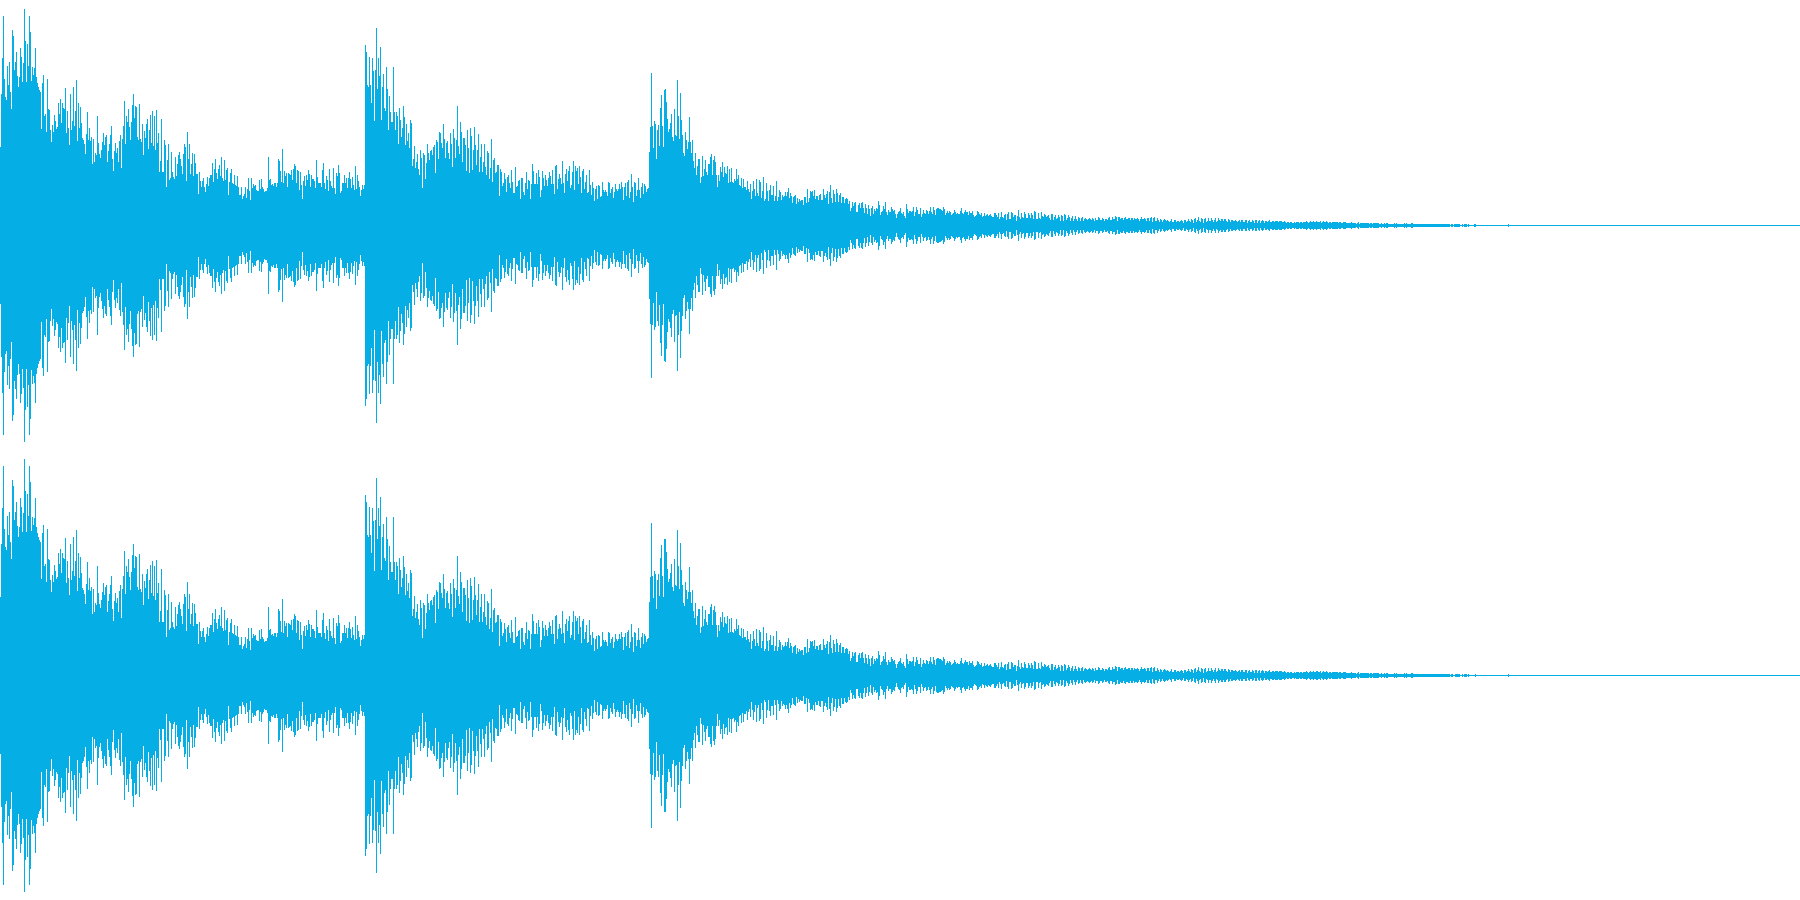 ウインドチャイム効果音(チュワリーン)の再生済みの波形